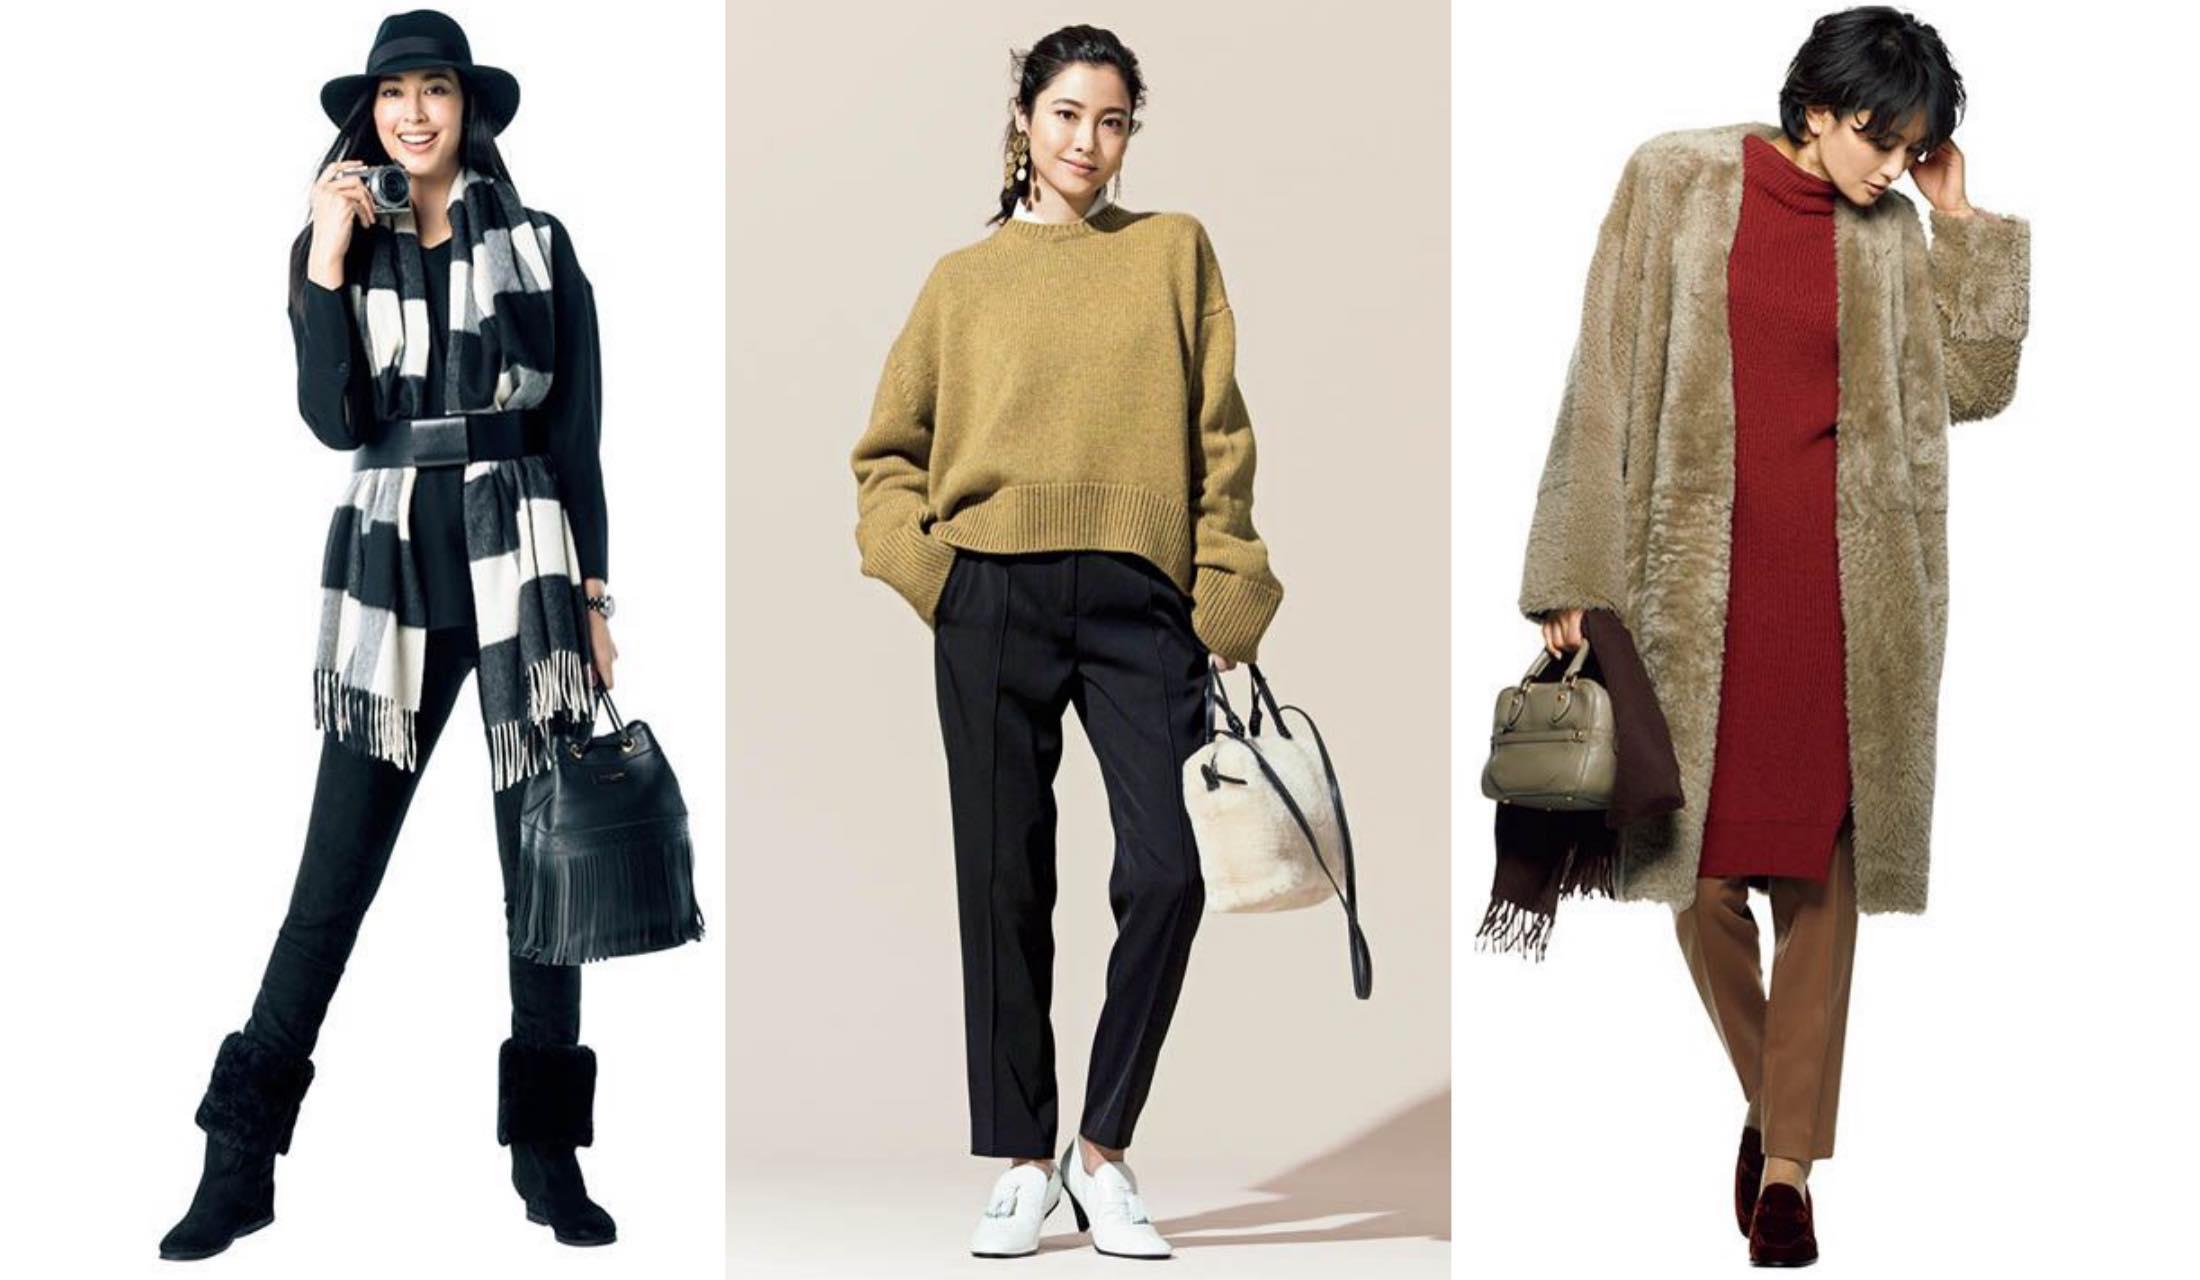 モード系ファッションコーデ27選【冬】|流行の最新コーデから